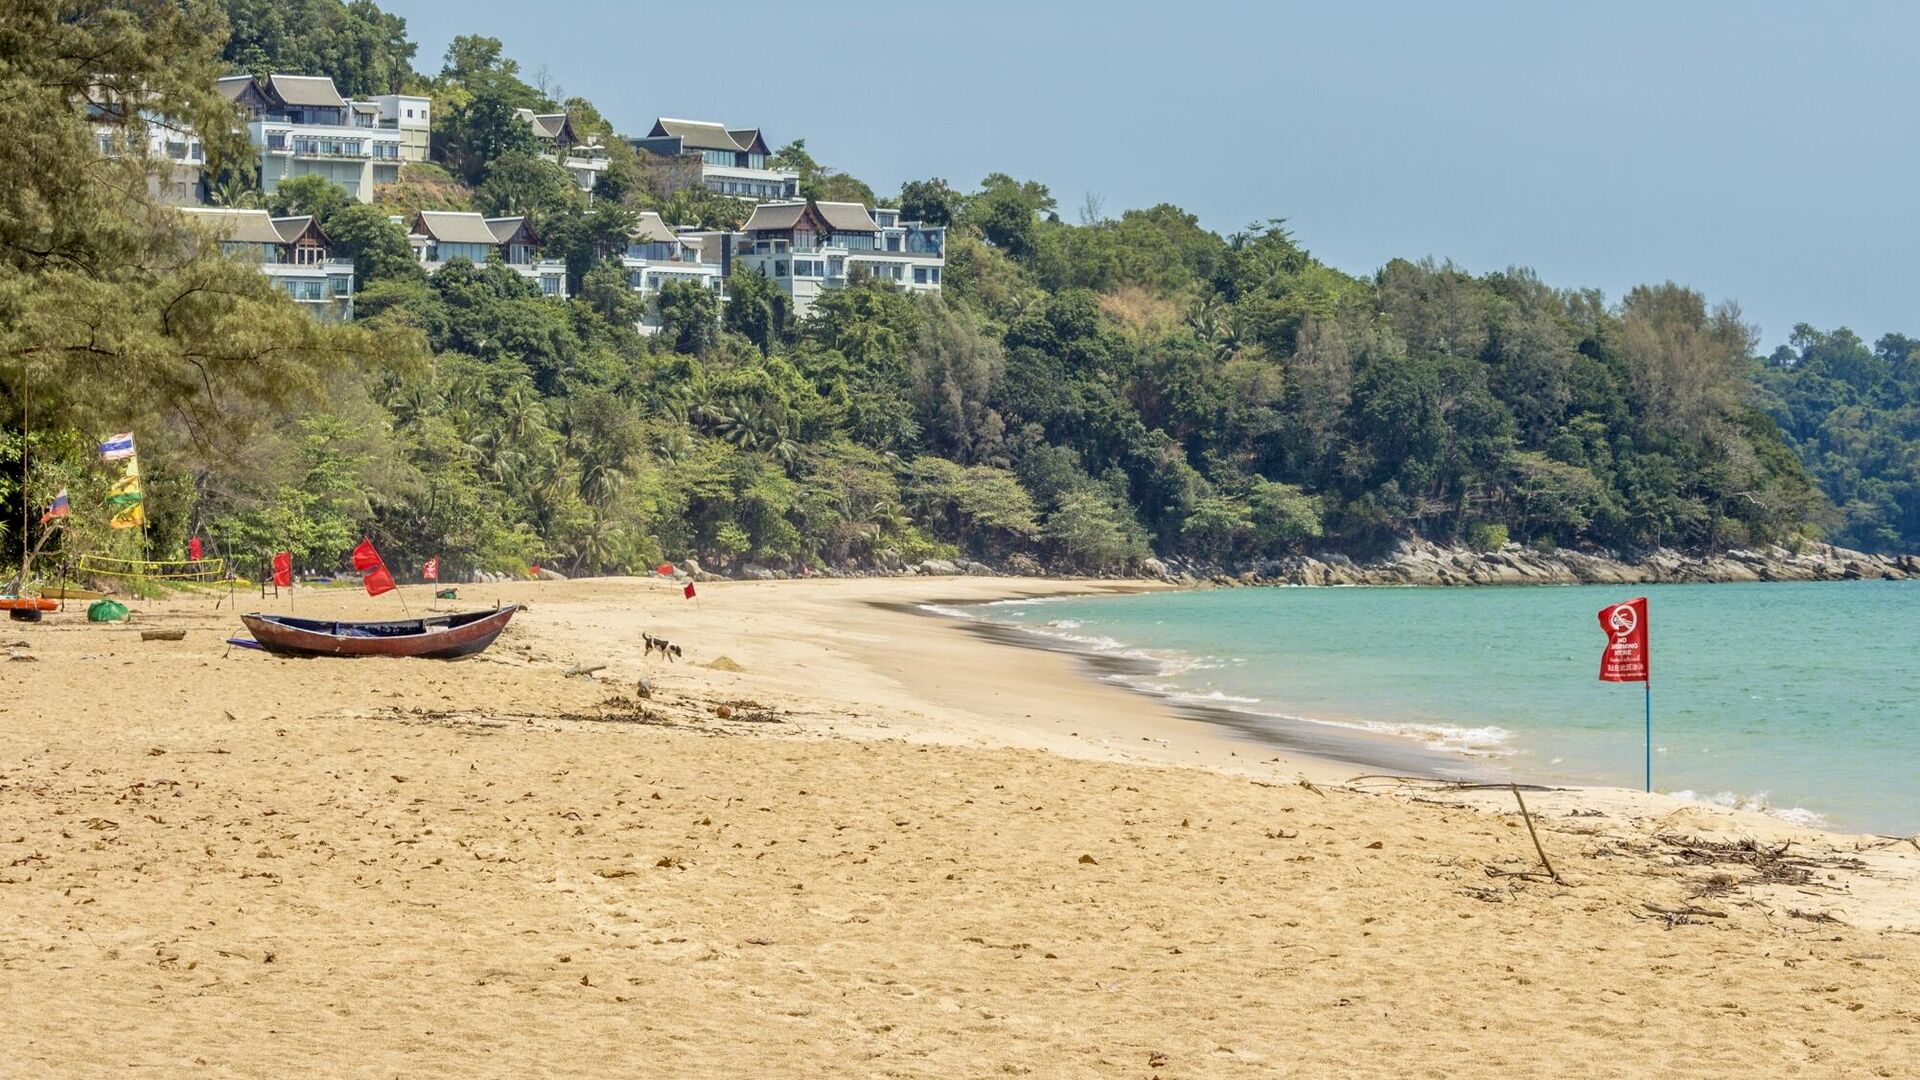 Пляж Найтон на острове Пхукет в Таиланде - РИА Новости, 1920, 01.07.2021